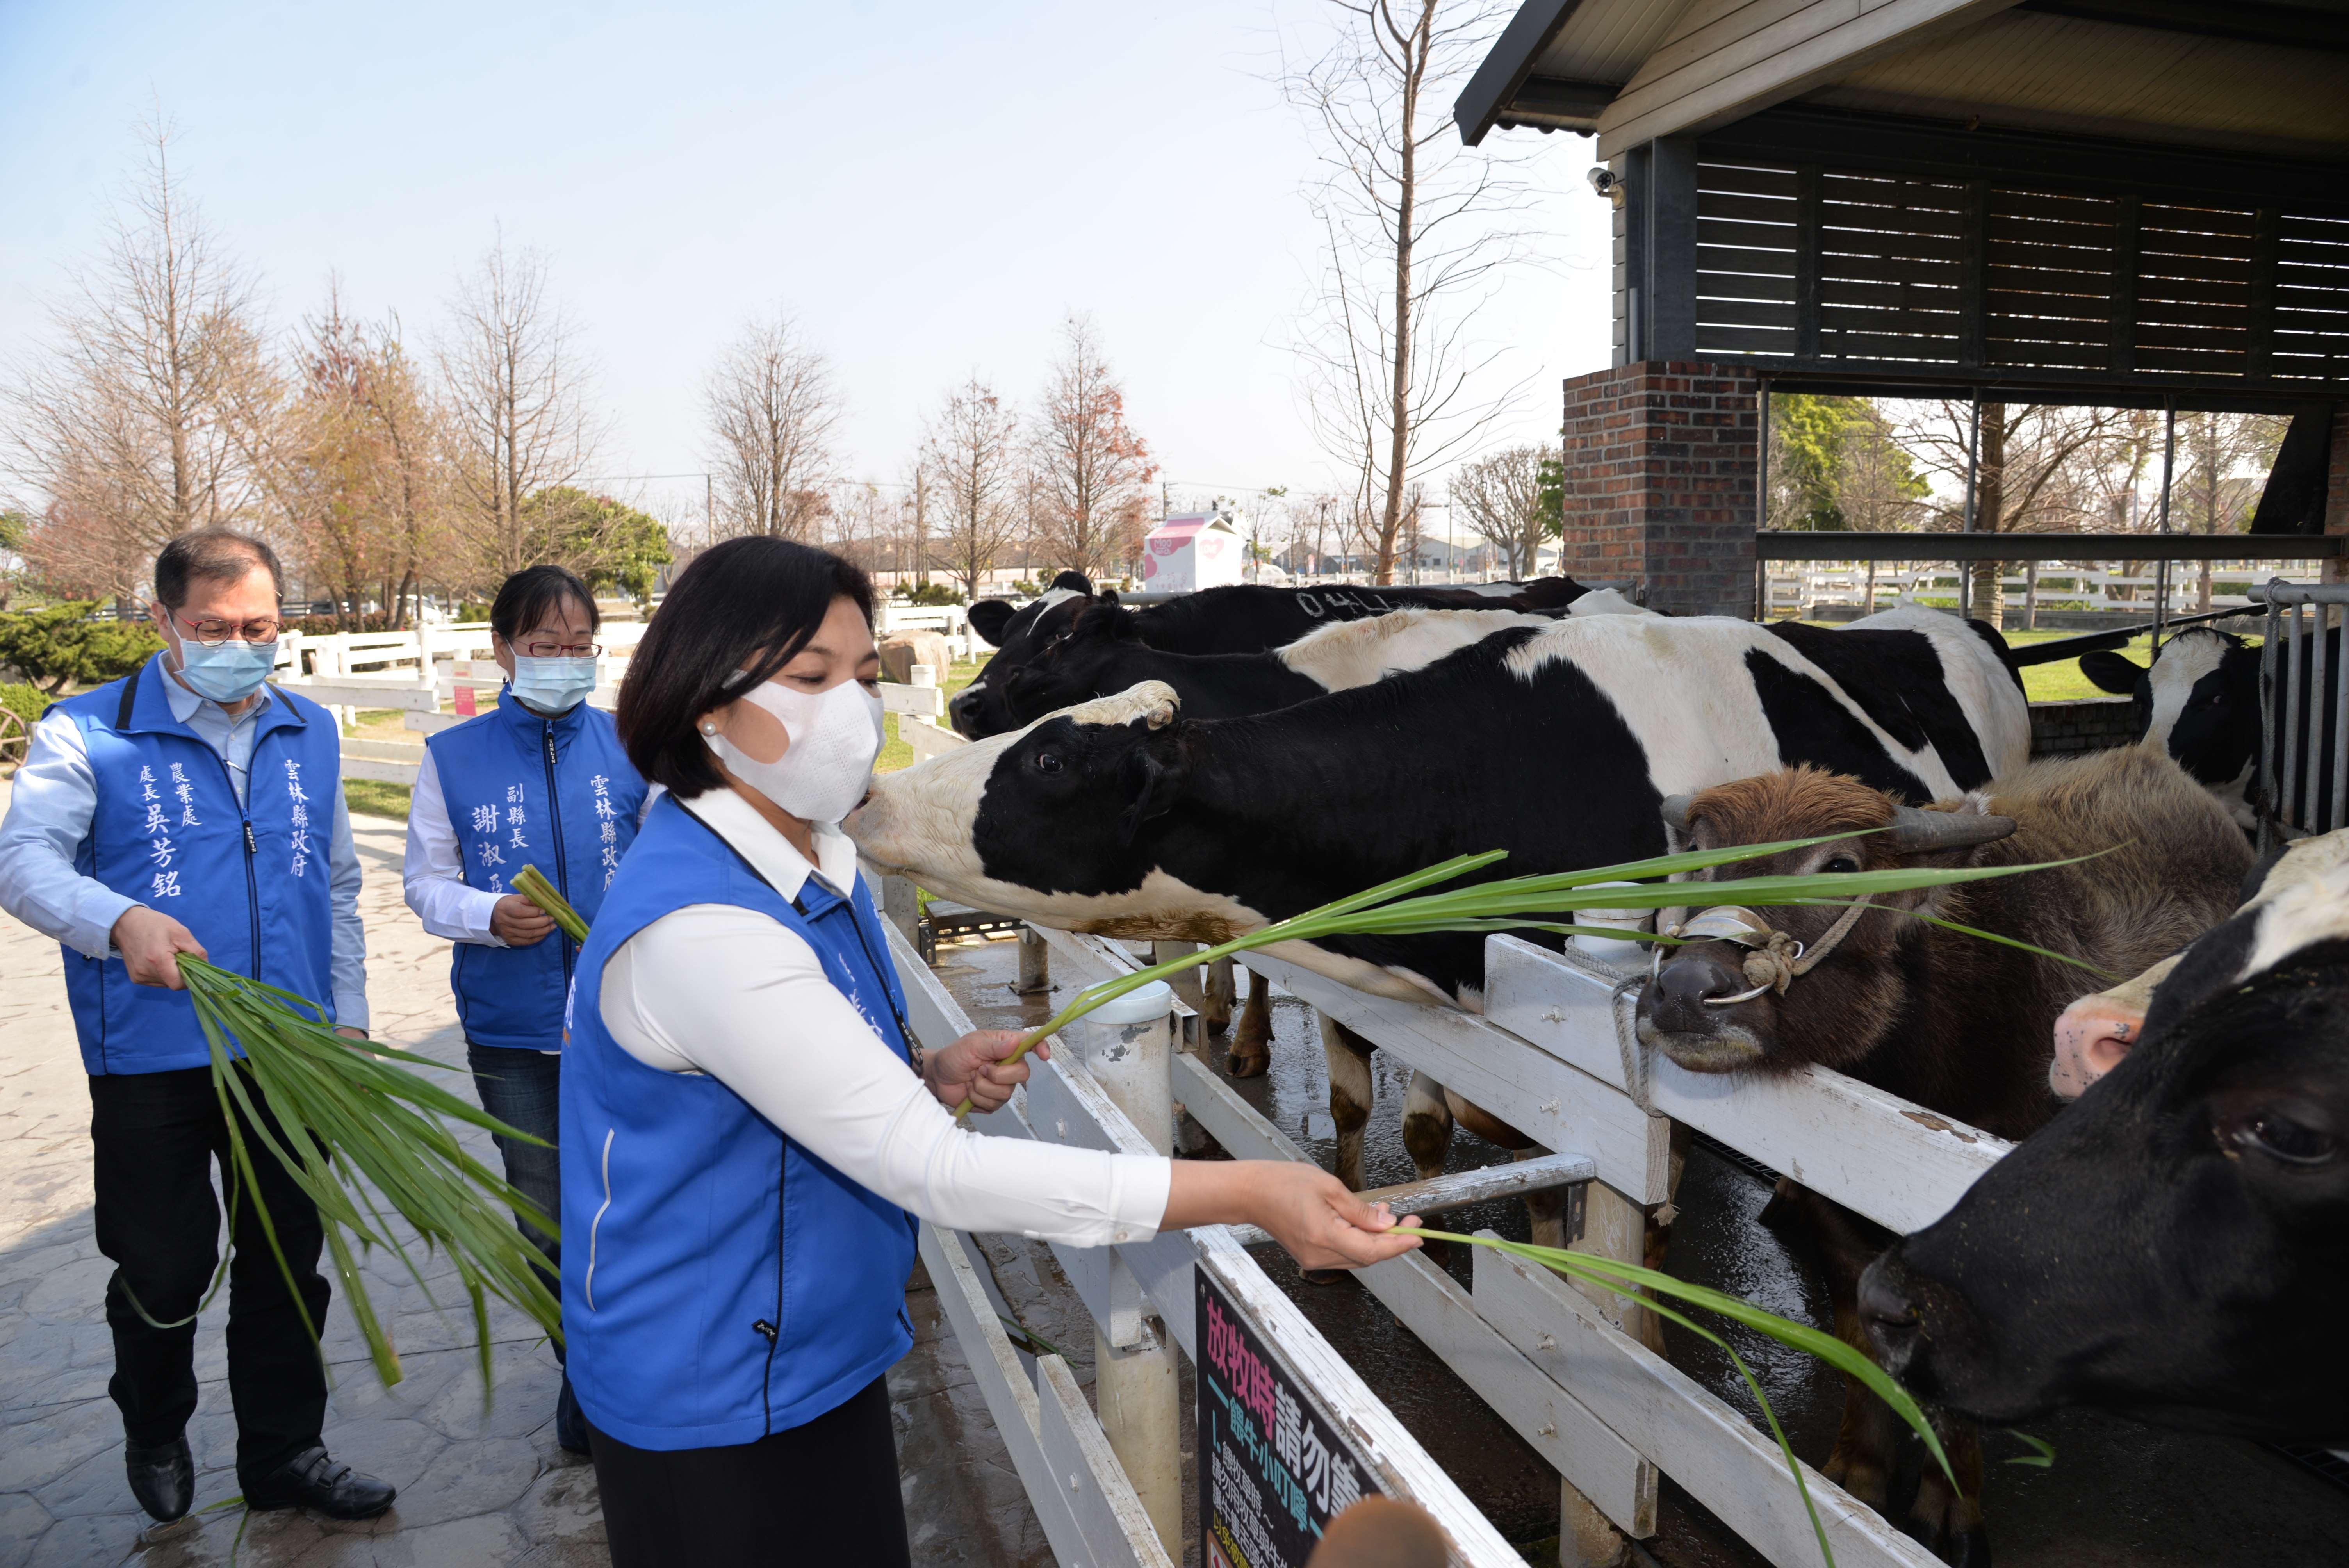 崙背鄉是台灣四大生乳產區之一,並是台灣第一個酪農專區